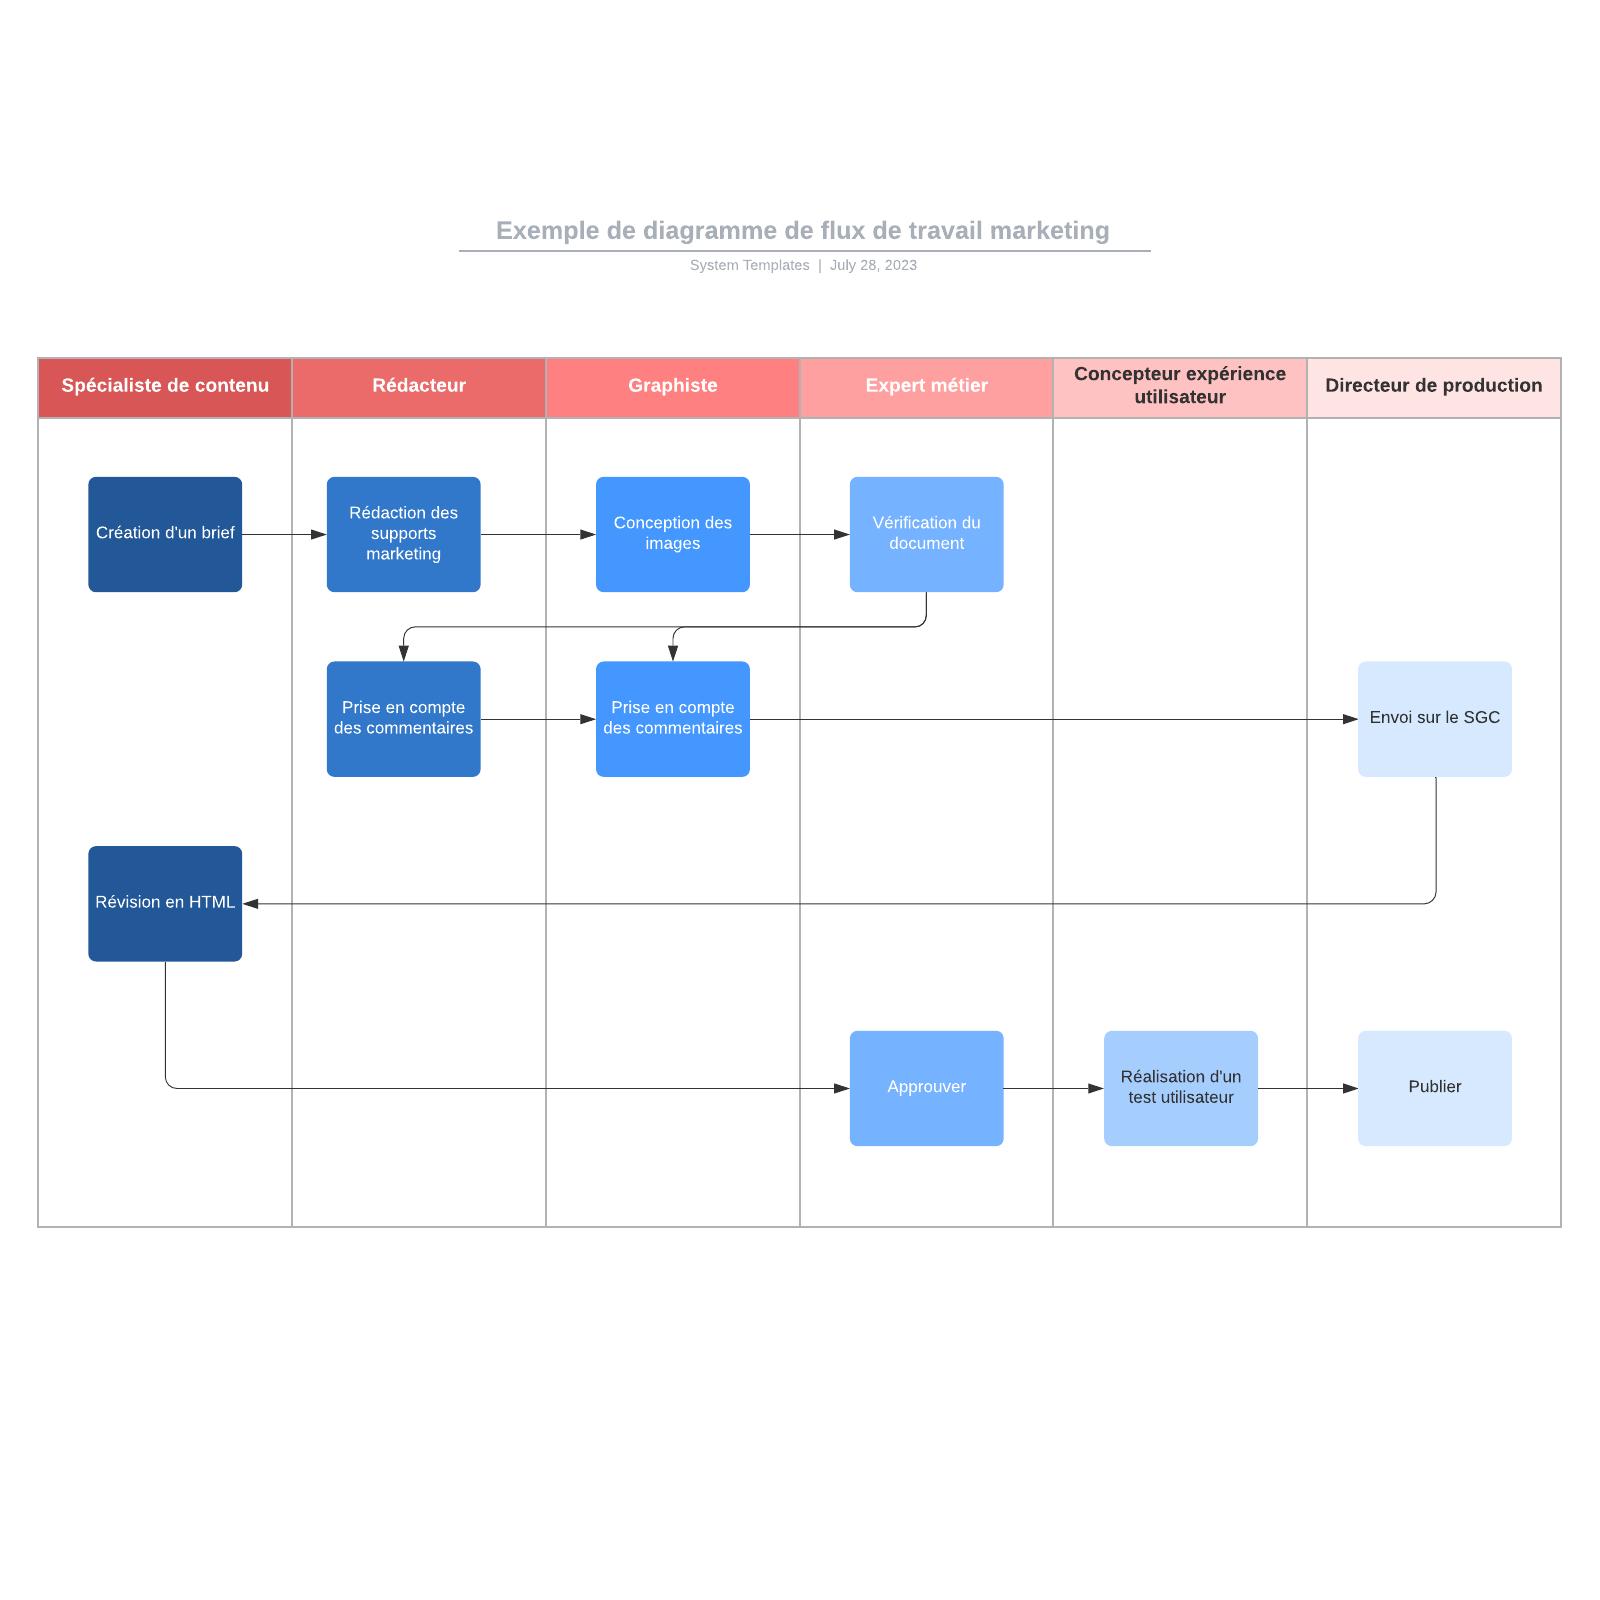 exemple de diagramme de flux de travail marketing